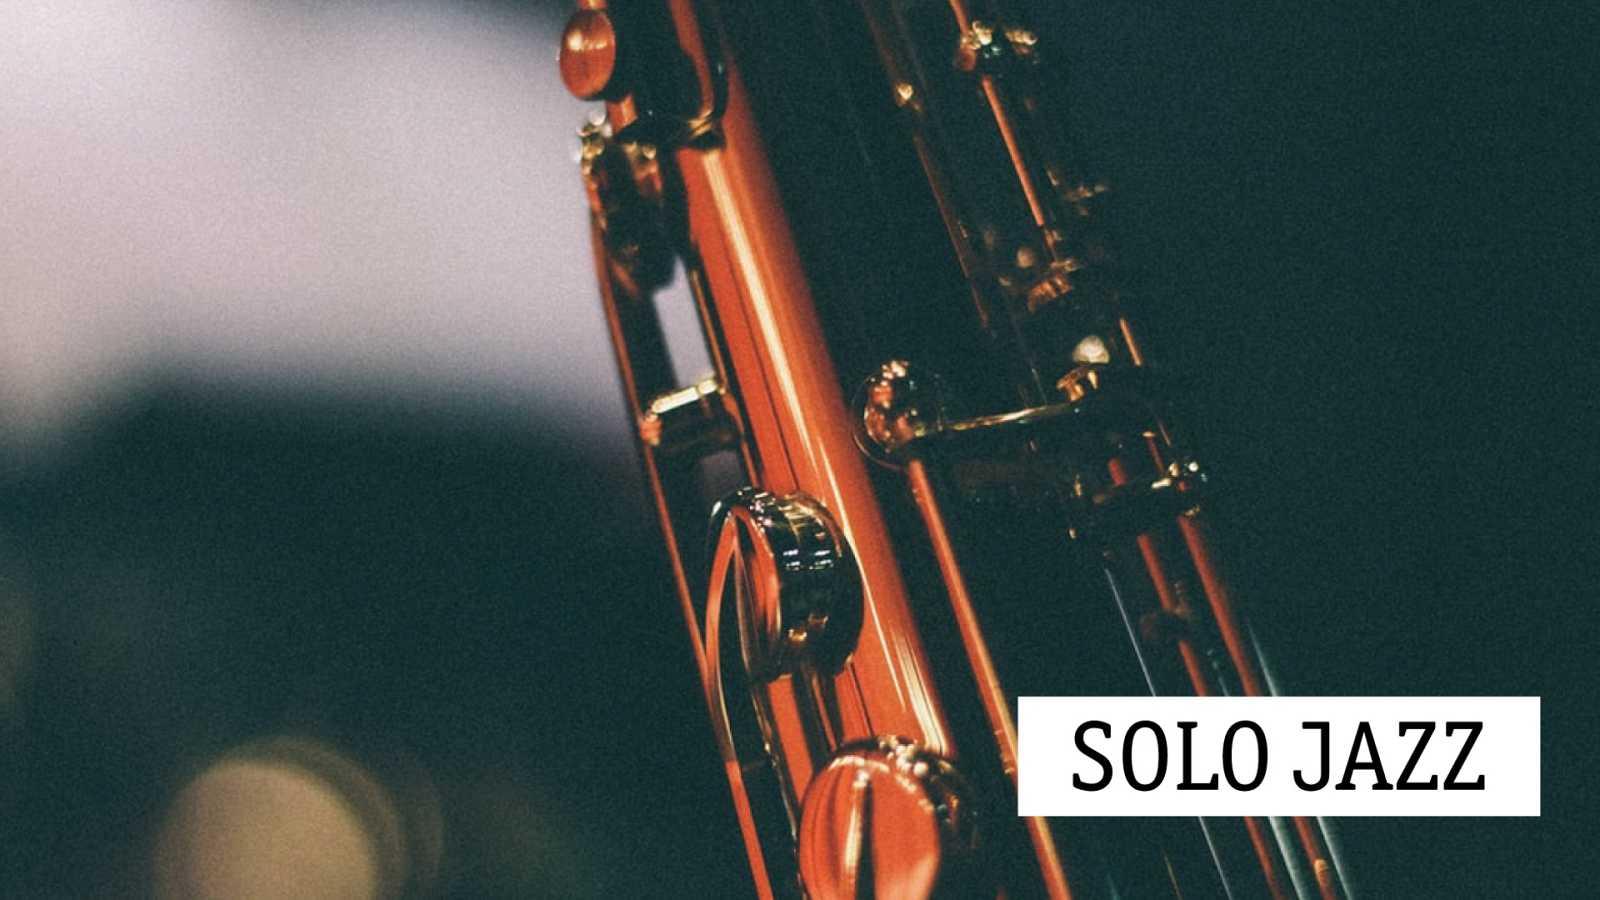 Solo jazz - La apasionante voz saxofonística de Charlie Rouse - 12/05/21 - escuchar ahora